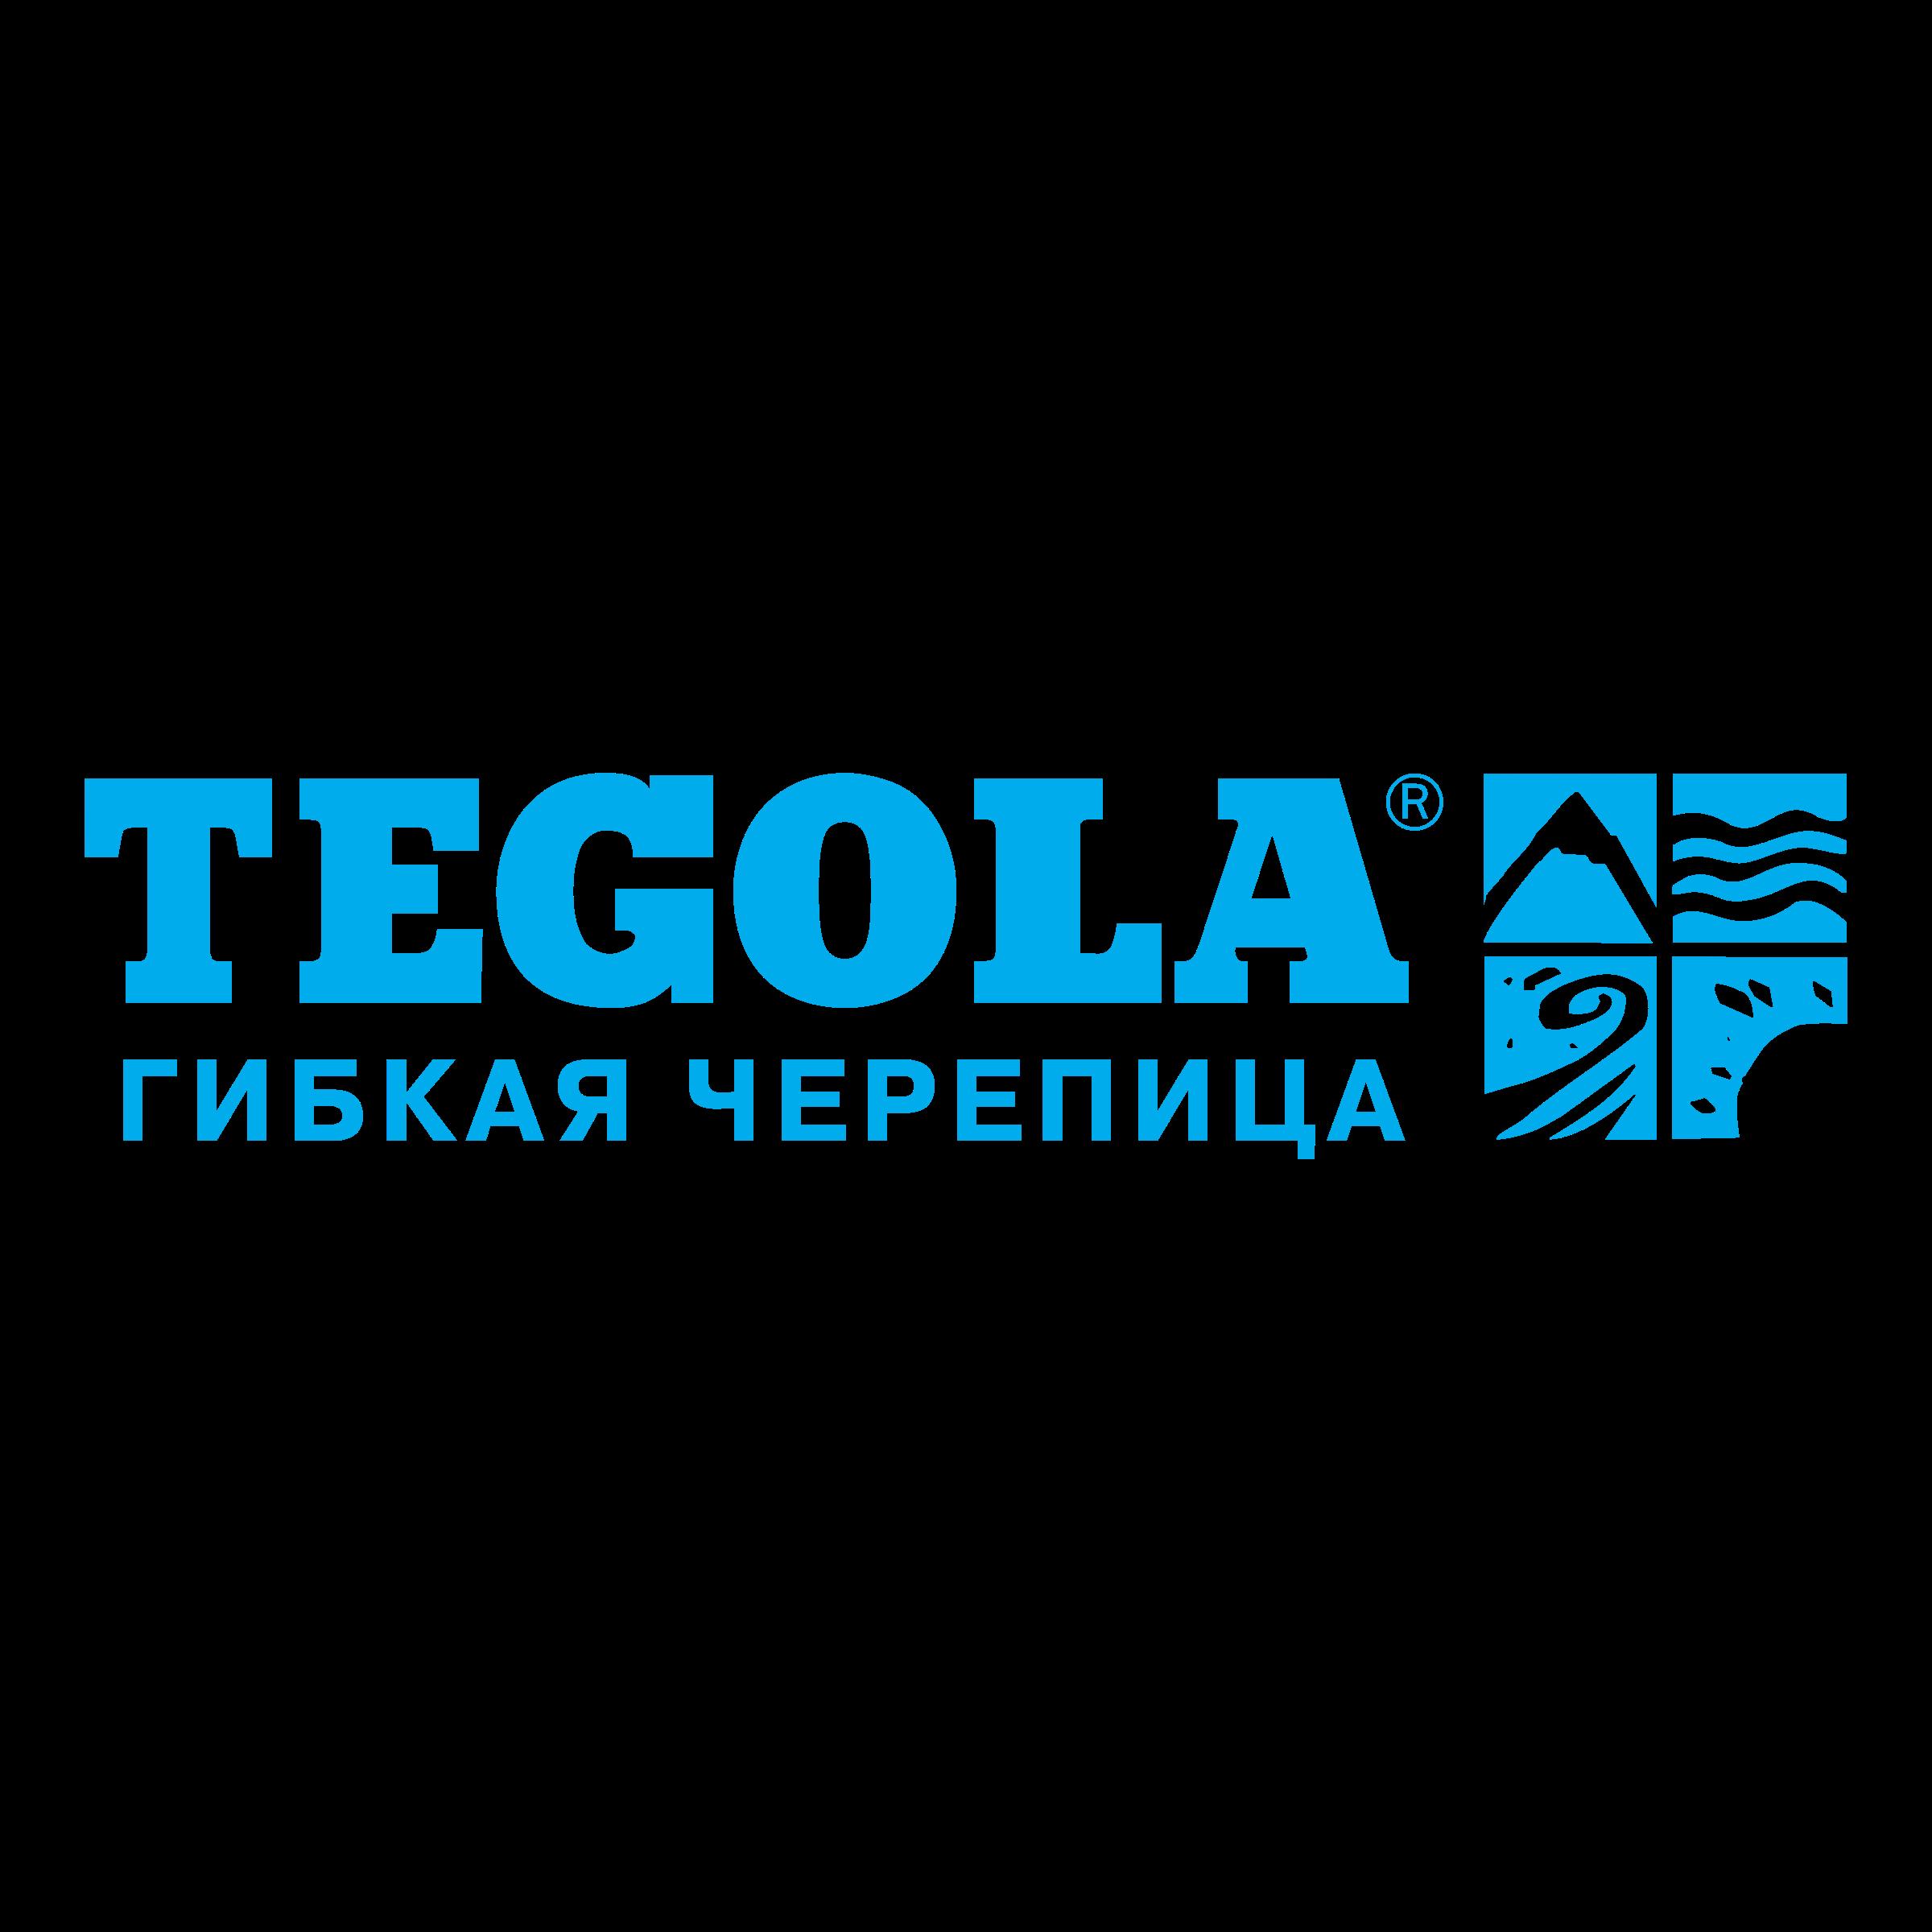 tegola-logo-png-transparent